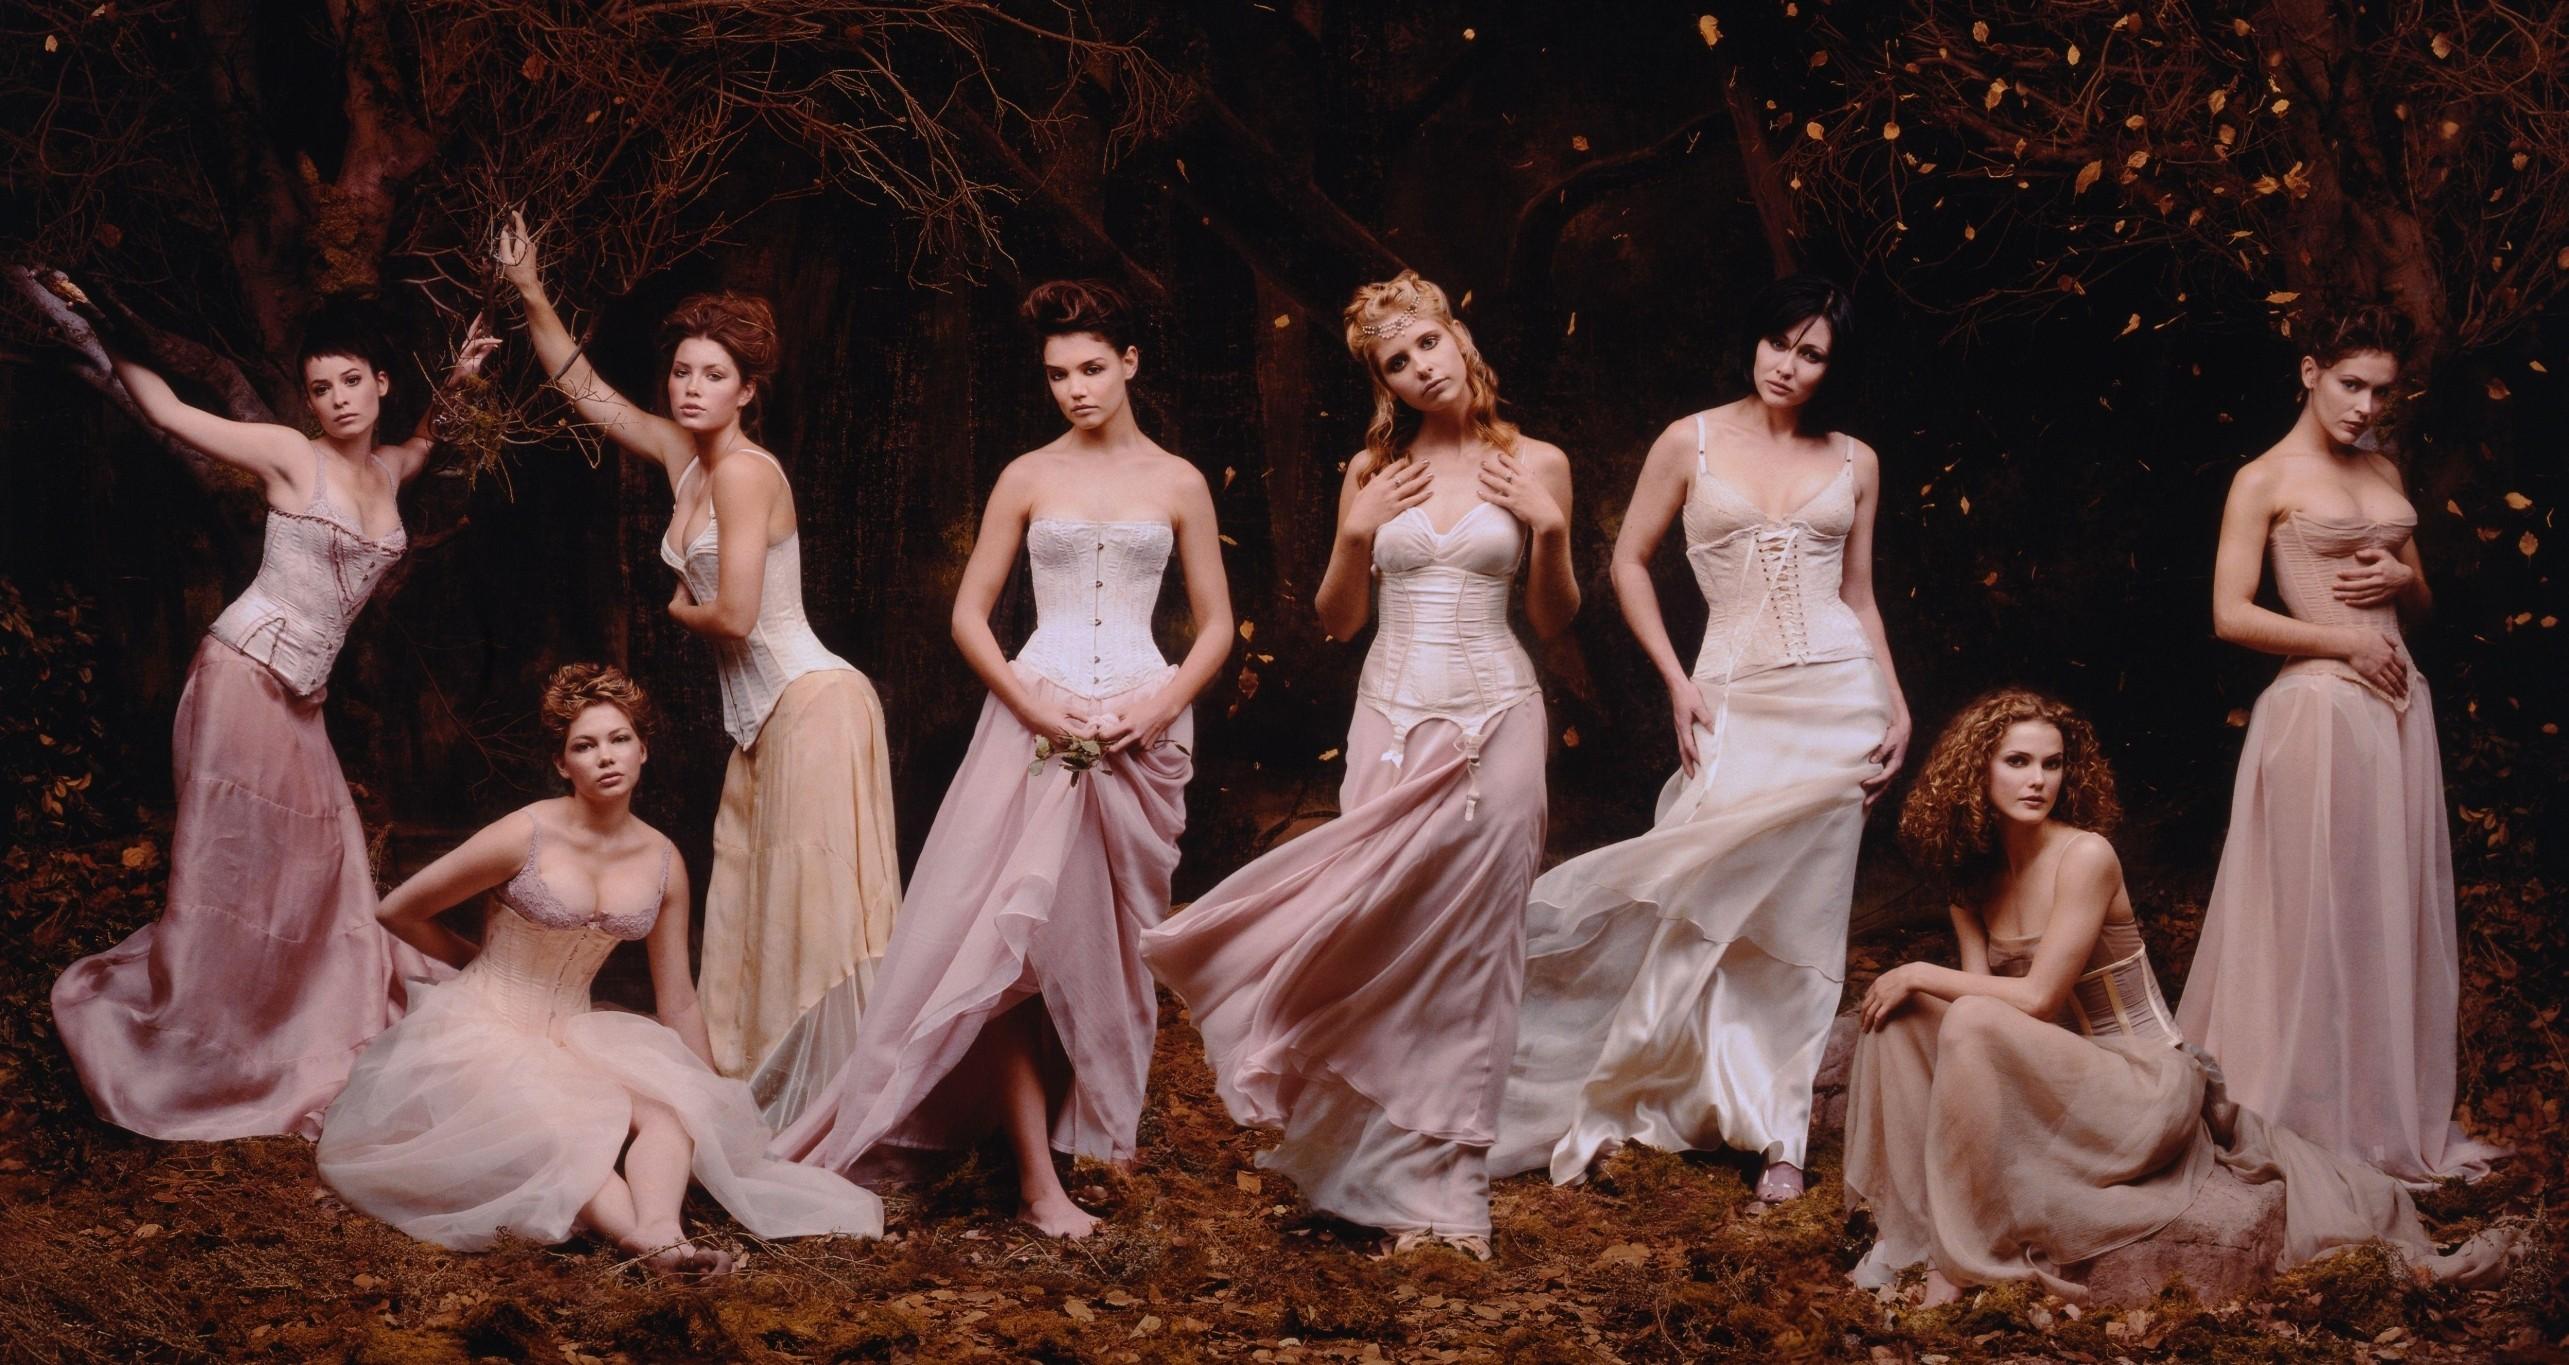 Wallpaper : women, dress, fashion, Jessica Biel, Alyssa ...